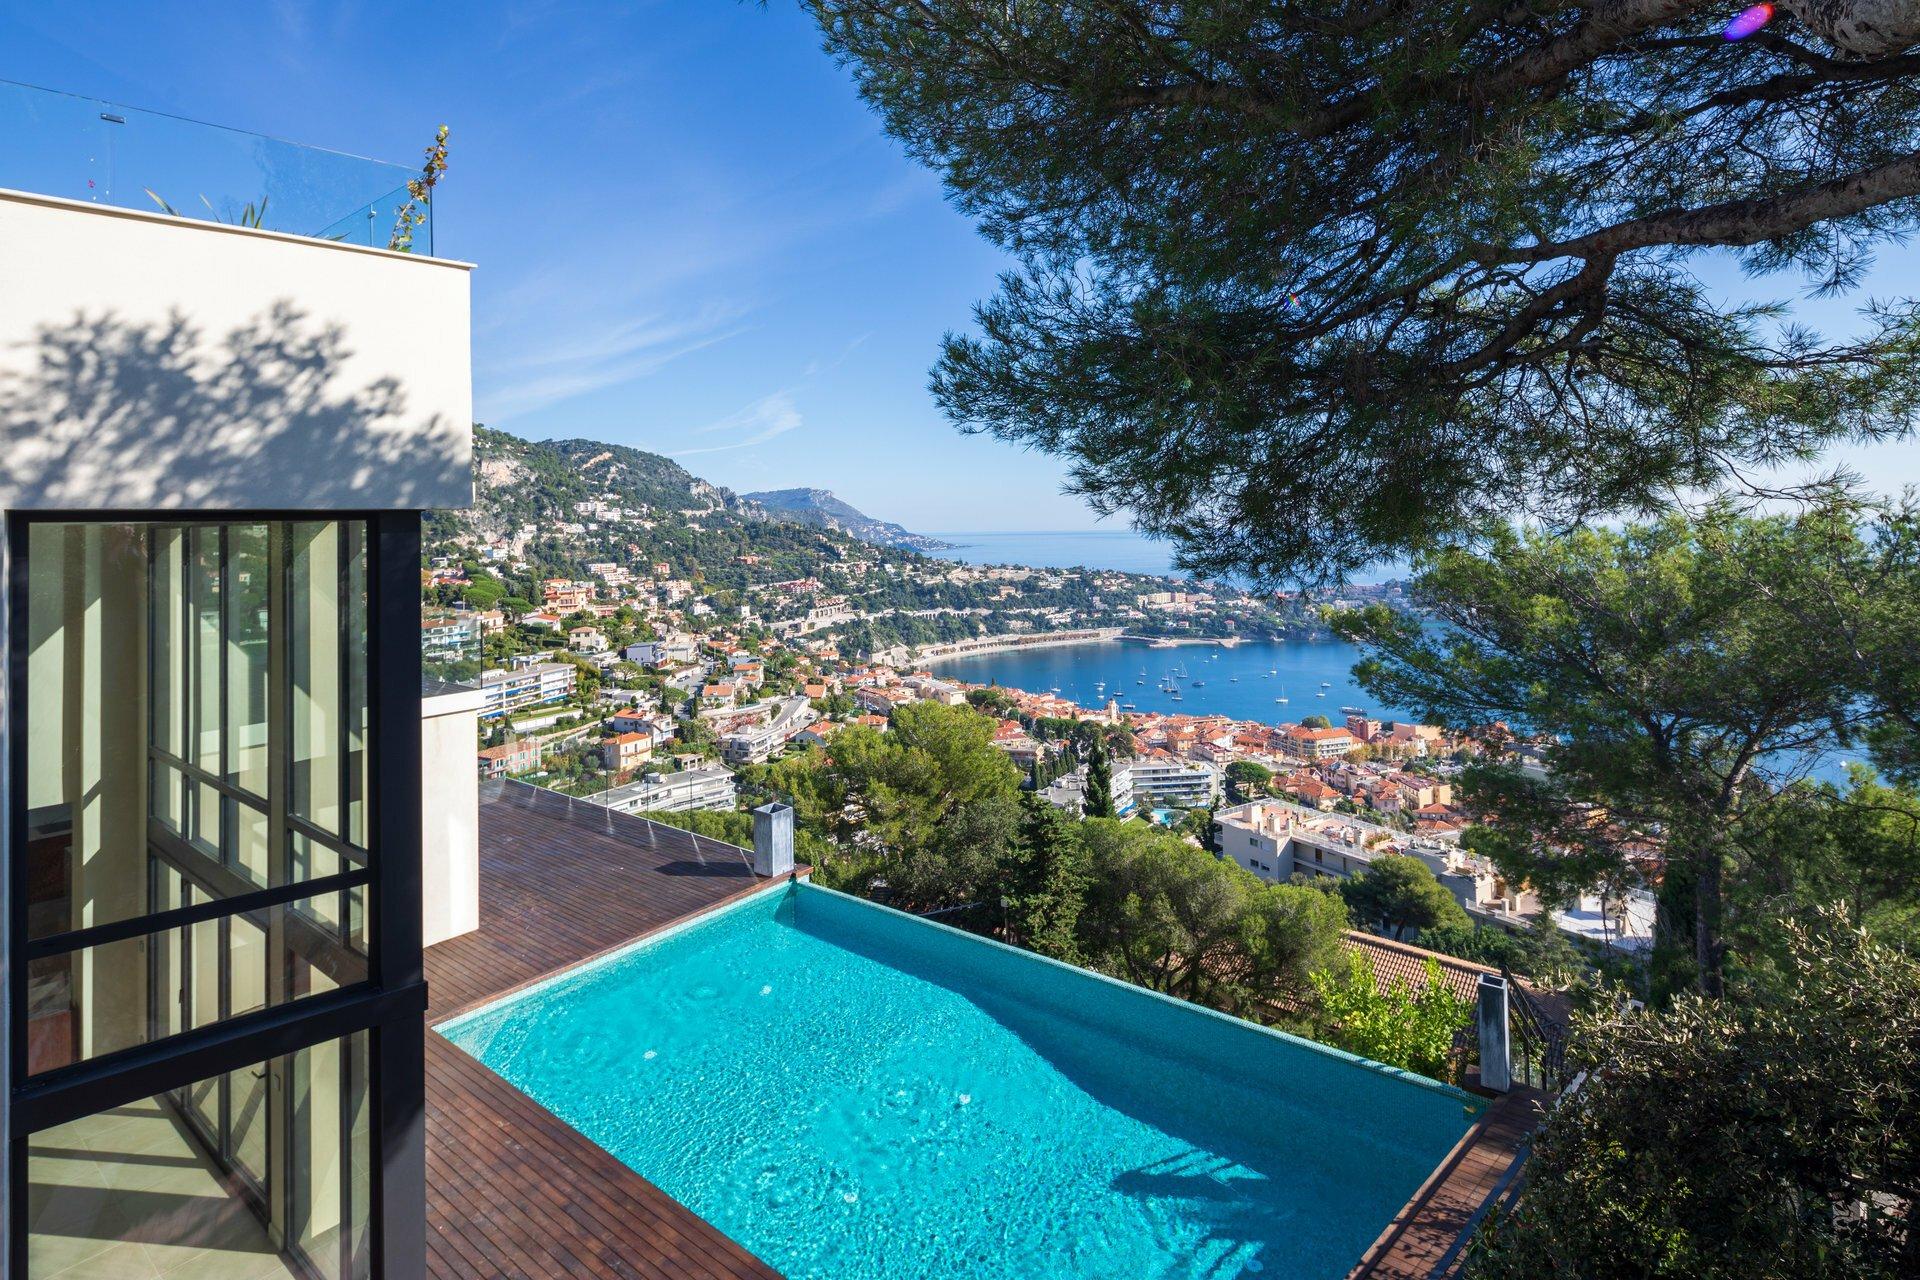 Villa in Villefranche-sur-Mer, Provence-Alpes-Côte d'Azur, France 1 - 11331143